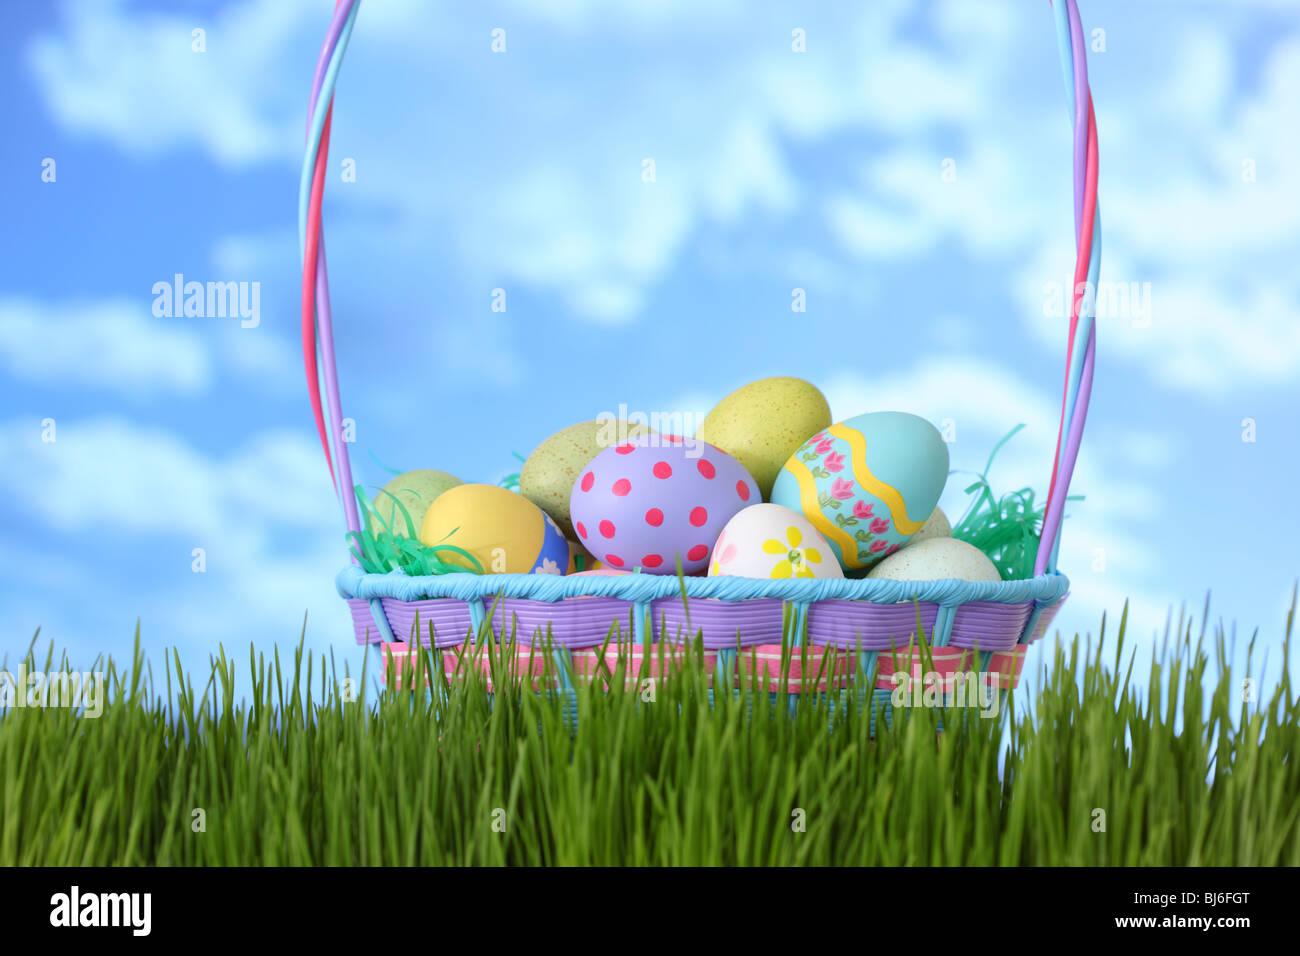 Canasta de Pascua en la hierba con el cielo azul Foto de stock